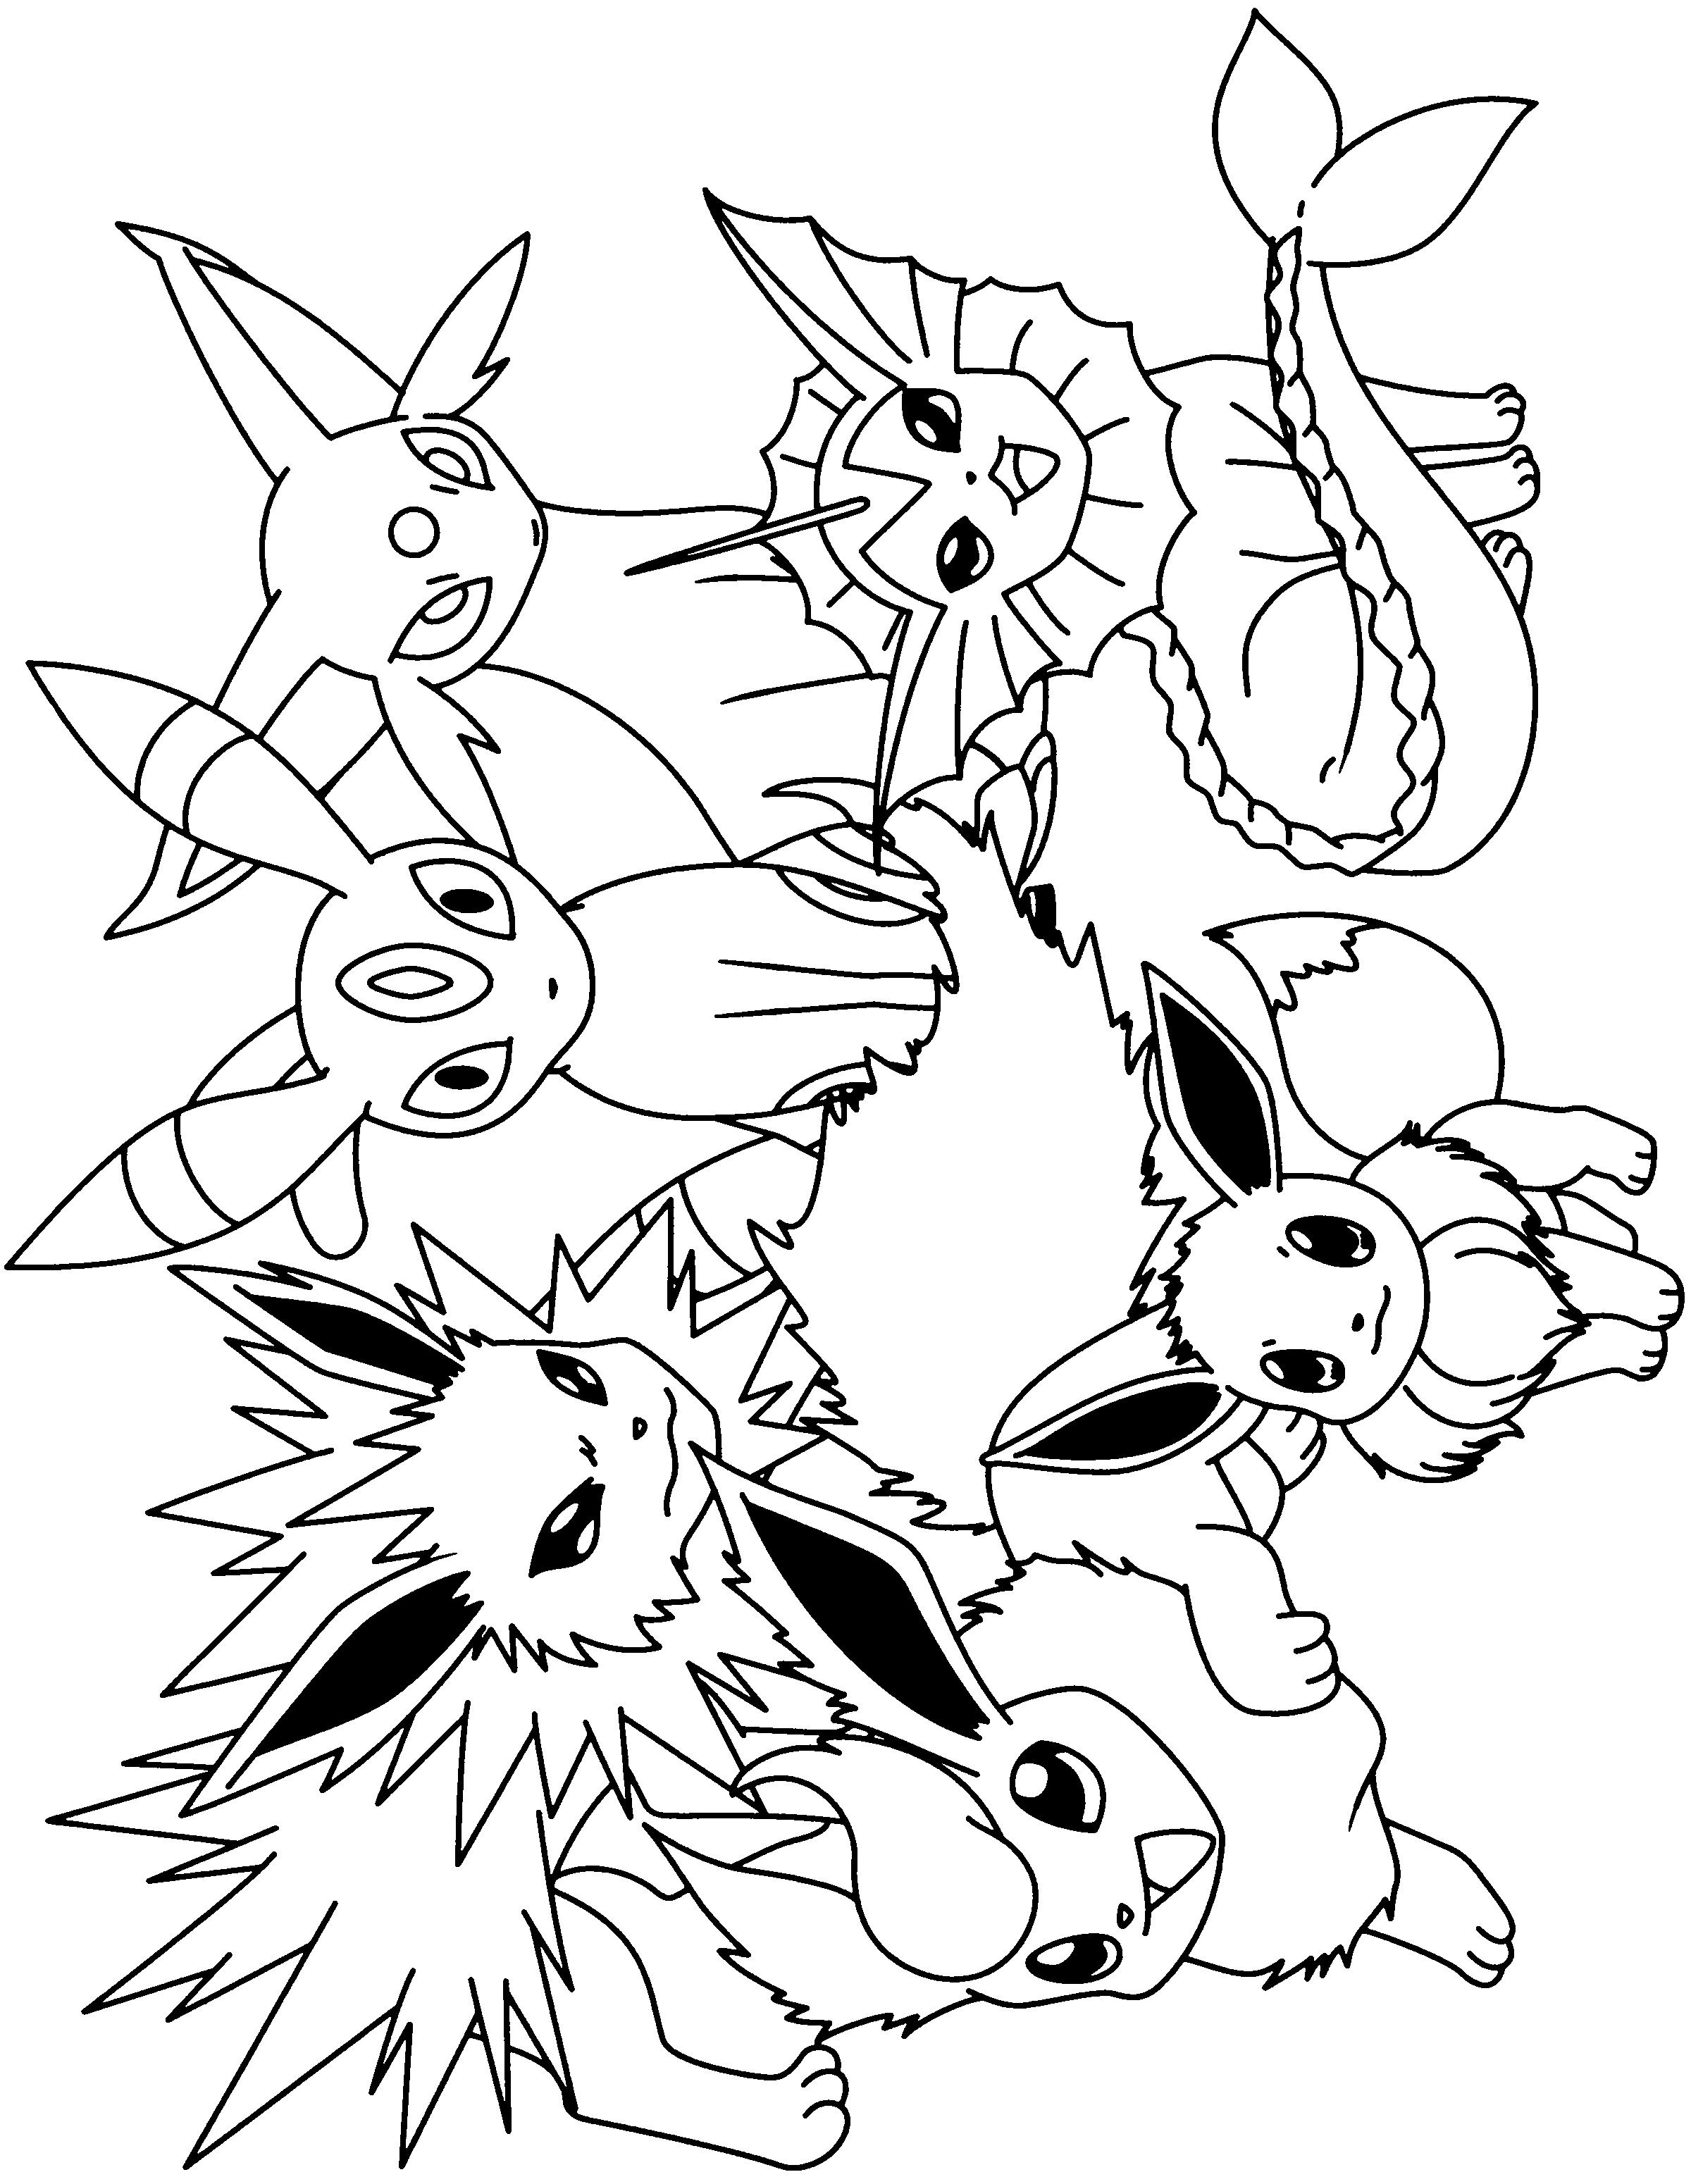 Kleurplaten Pokemon Eevee.Kleurplaat Eevee Google Zoeken Kleurplaten Pokemon Pokemon